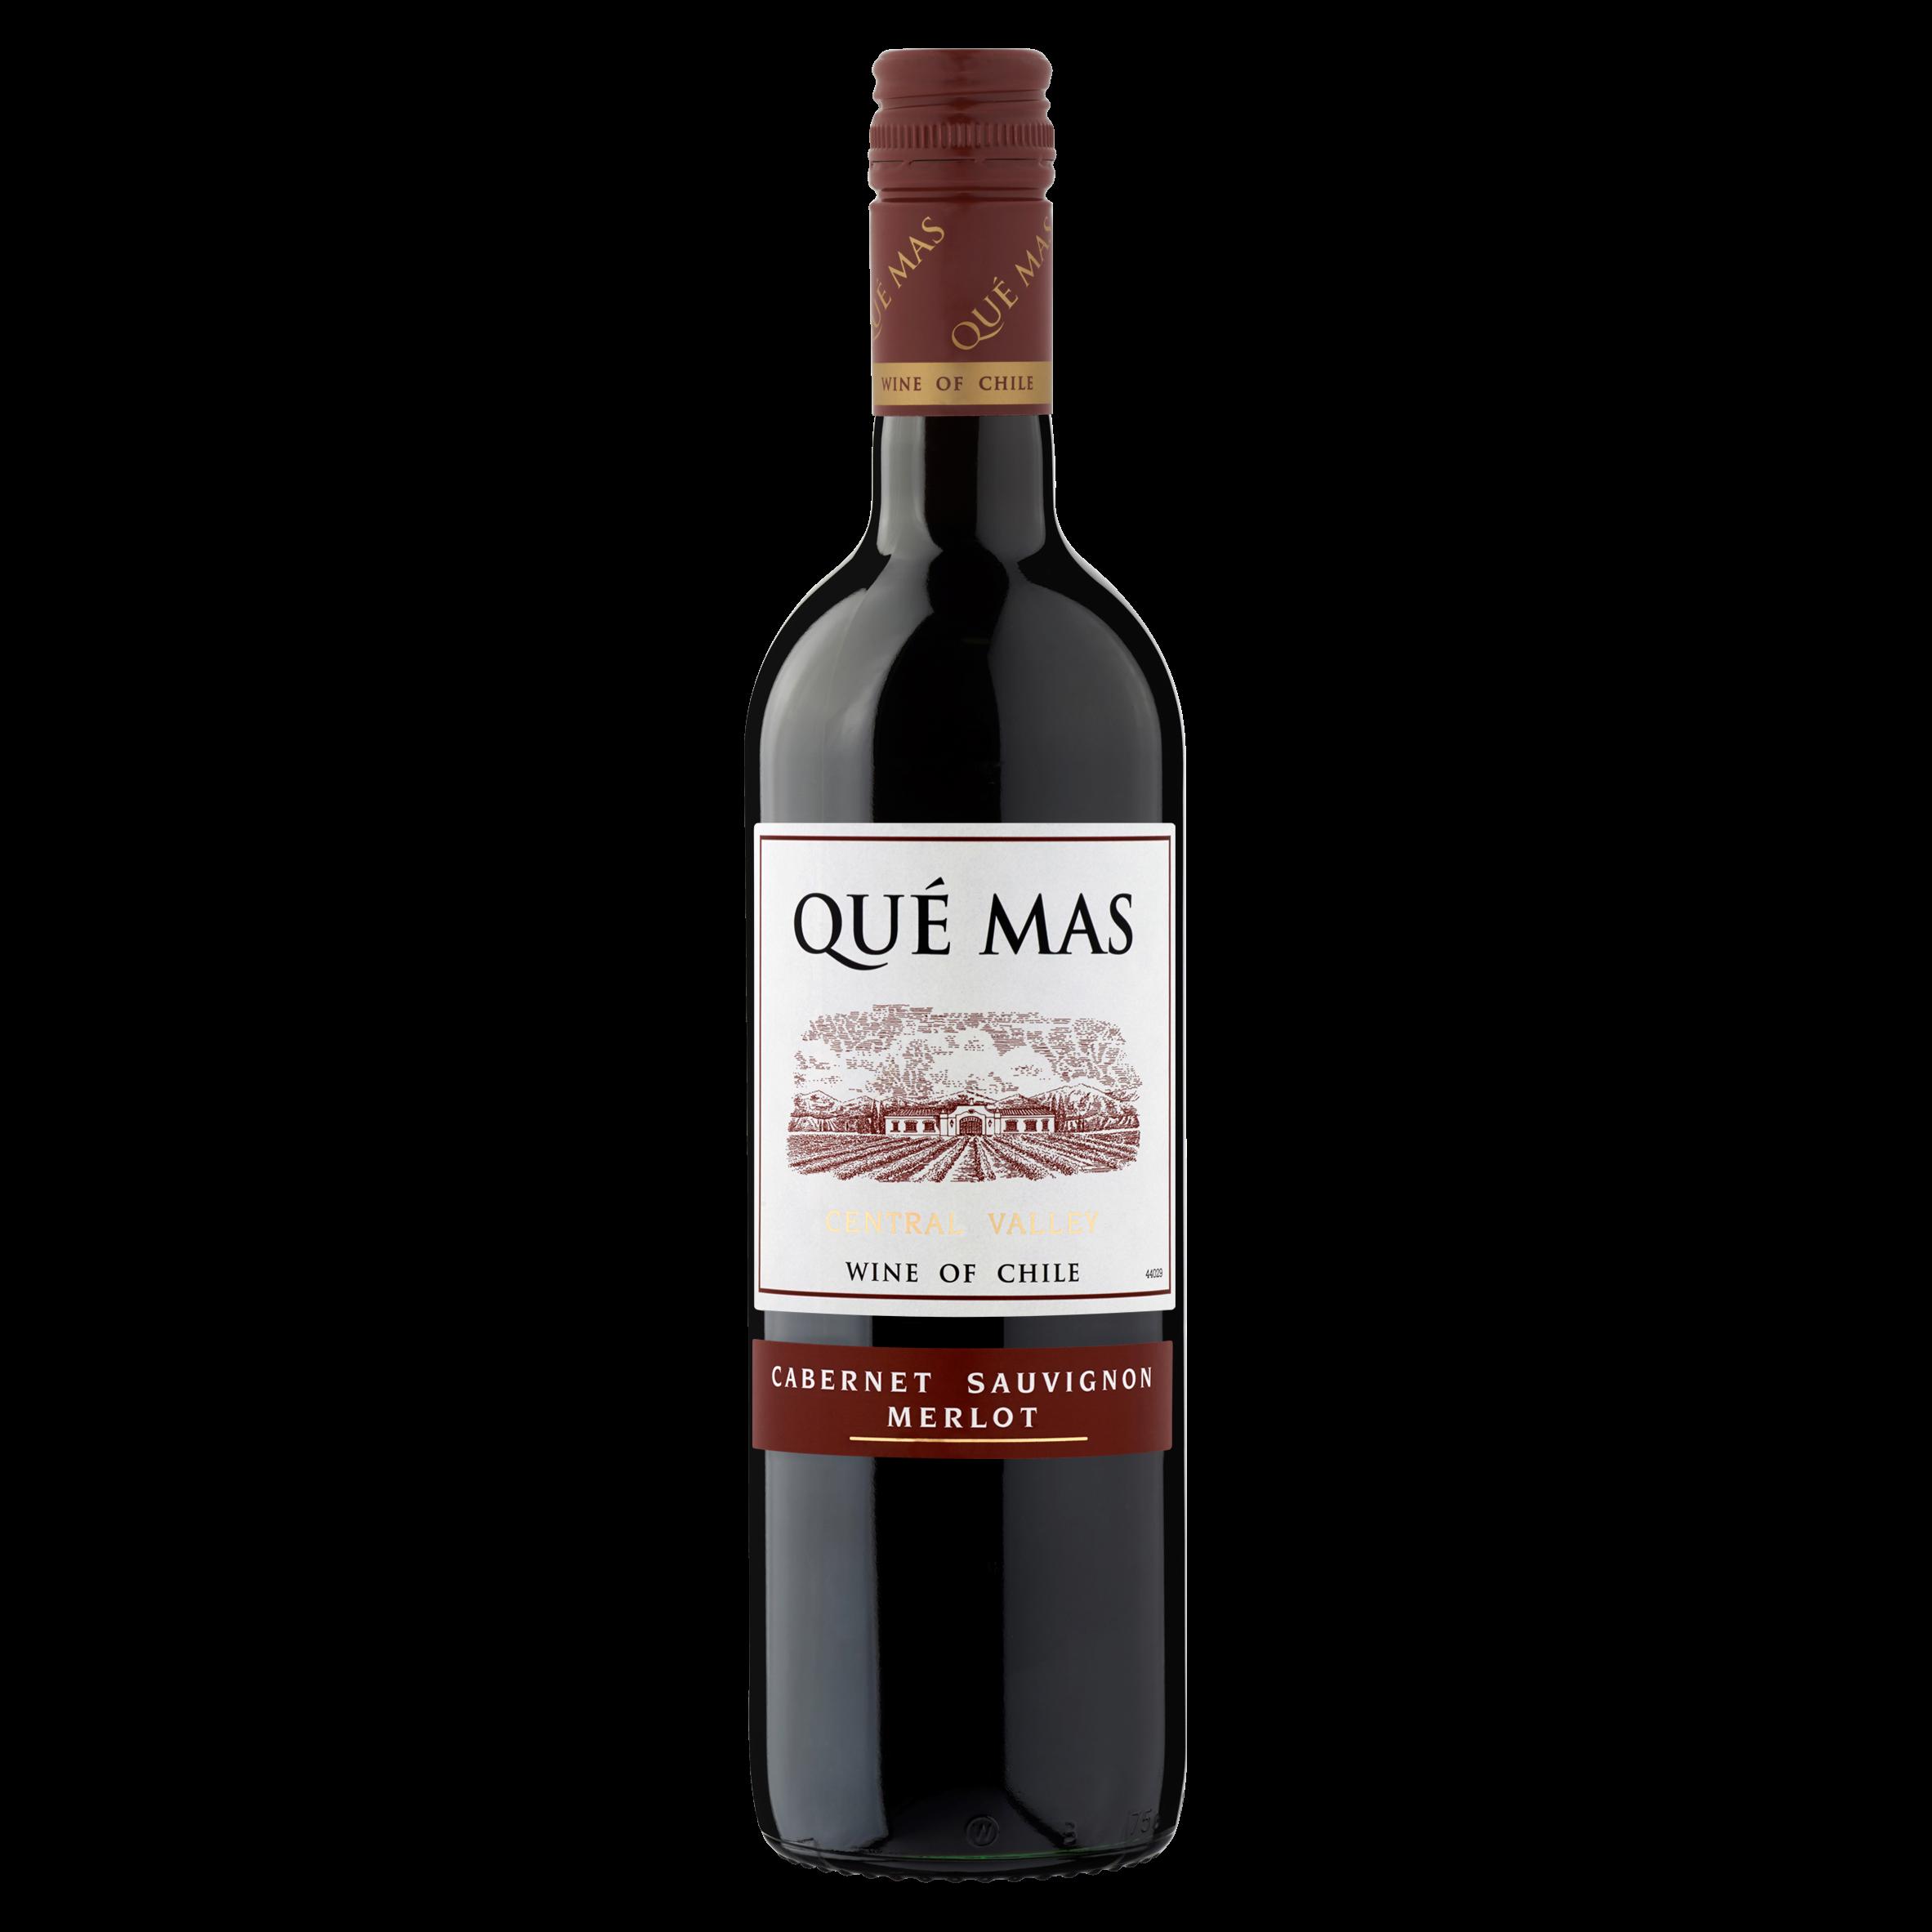 Qué Mas Cabernet Sauvignon Merlot Rood 0,75 L